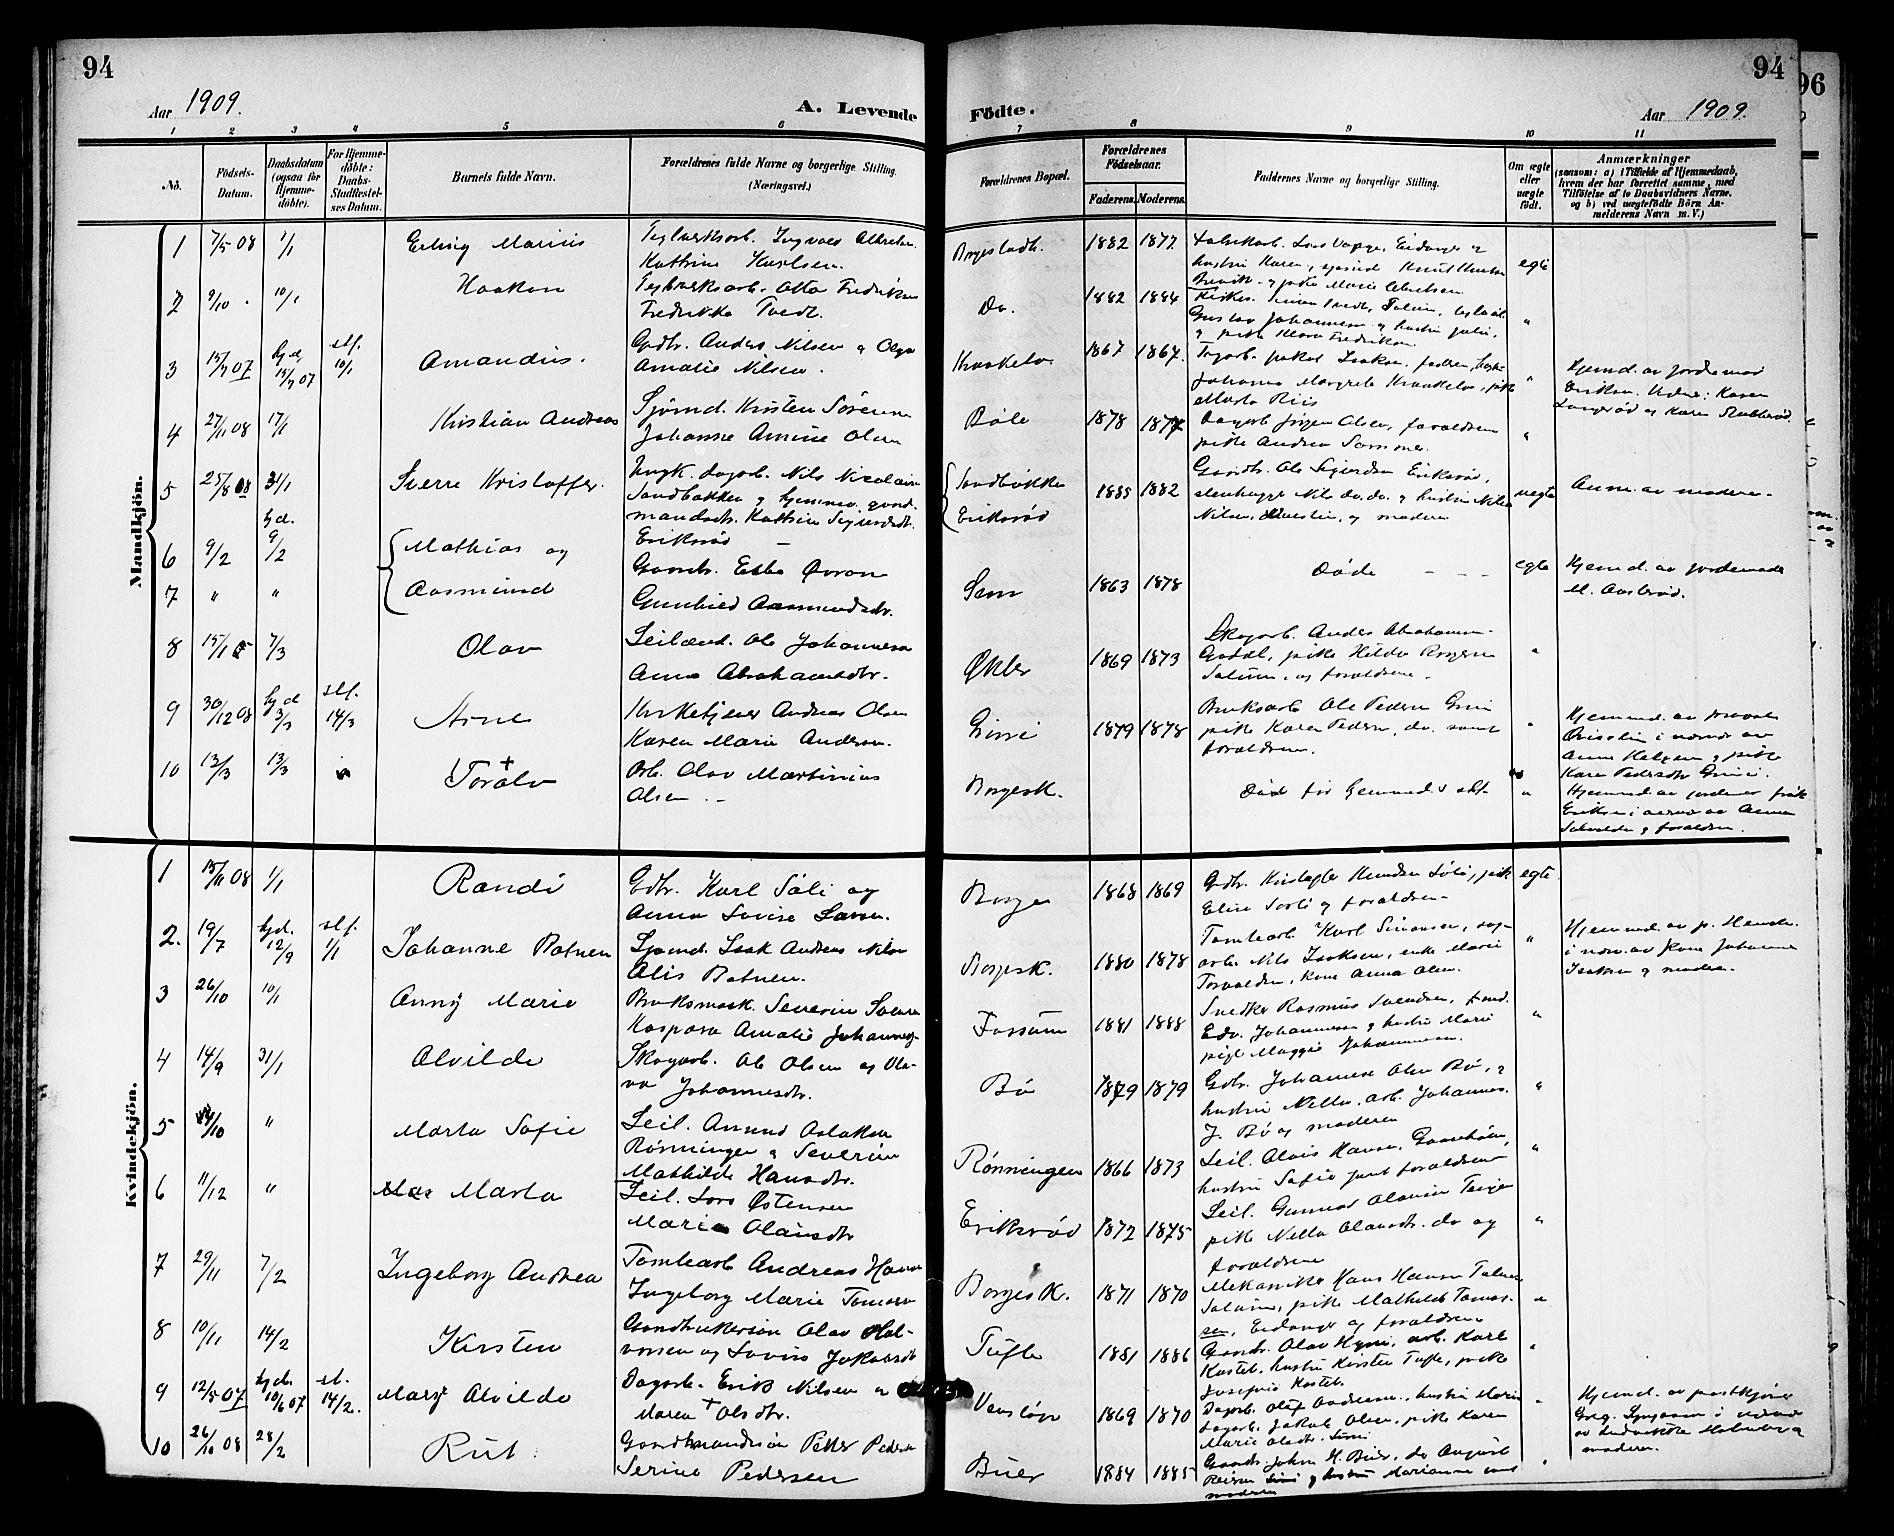 SAKO, Gjerpen kirkebøker, G/Ga/L0003: Klokkerbok nr. I 3, 1901-1919, s. 94